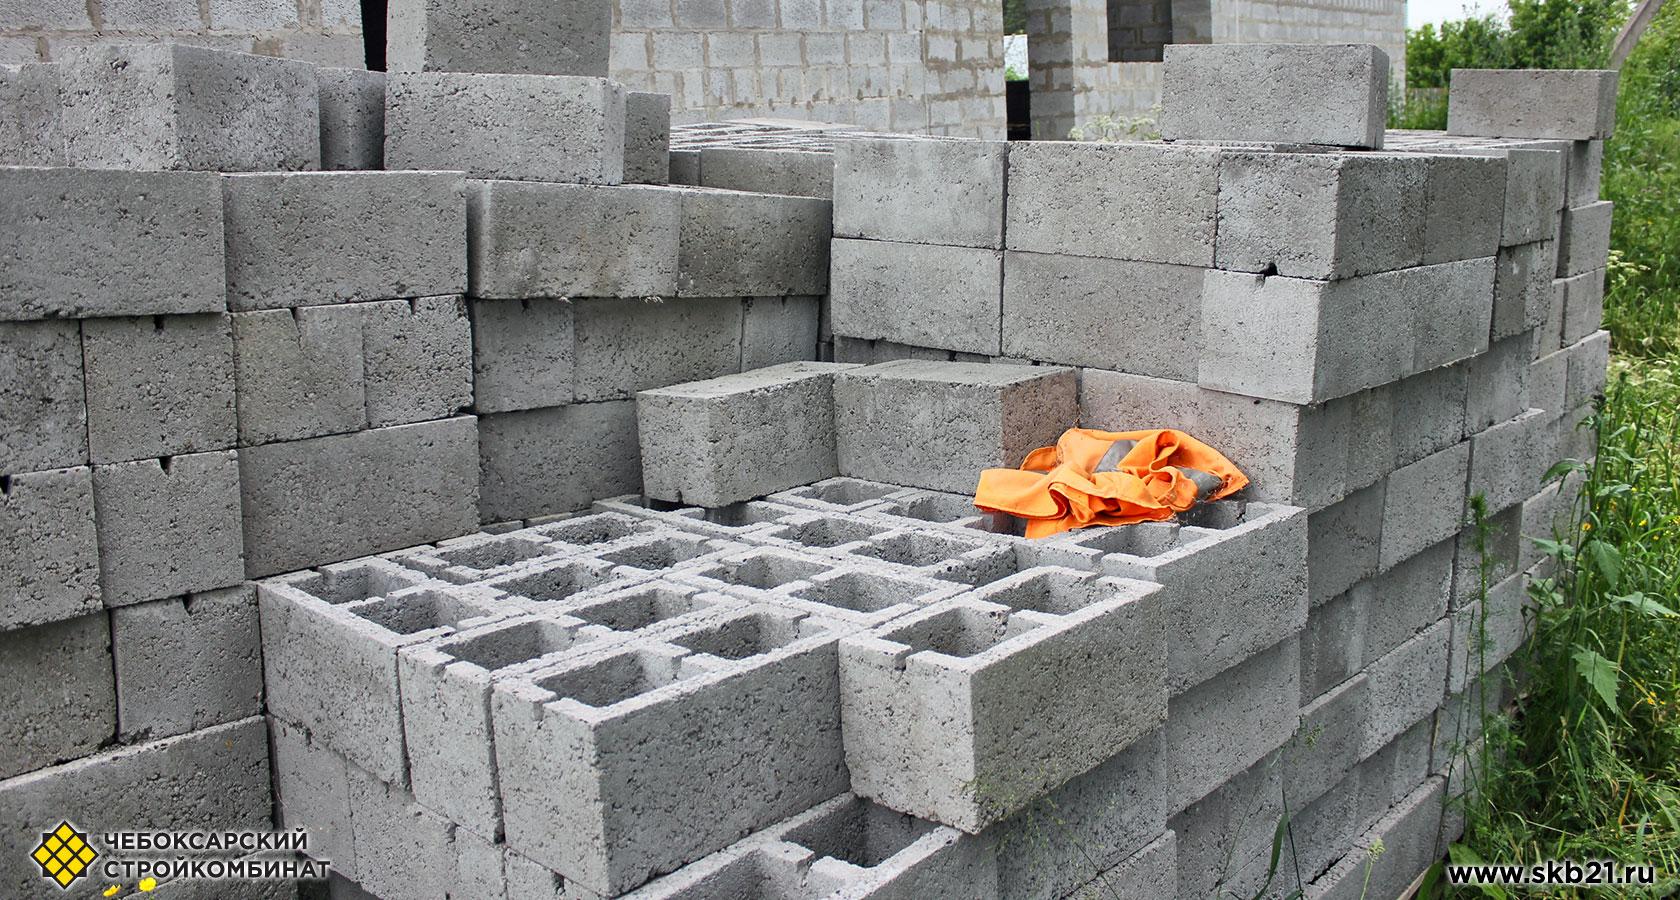 Дом из керамзитобетона своими руками - как построить 85